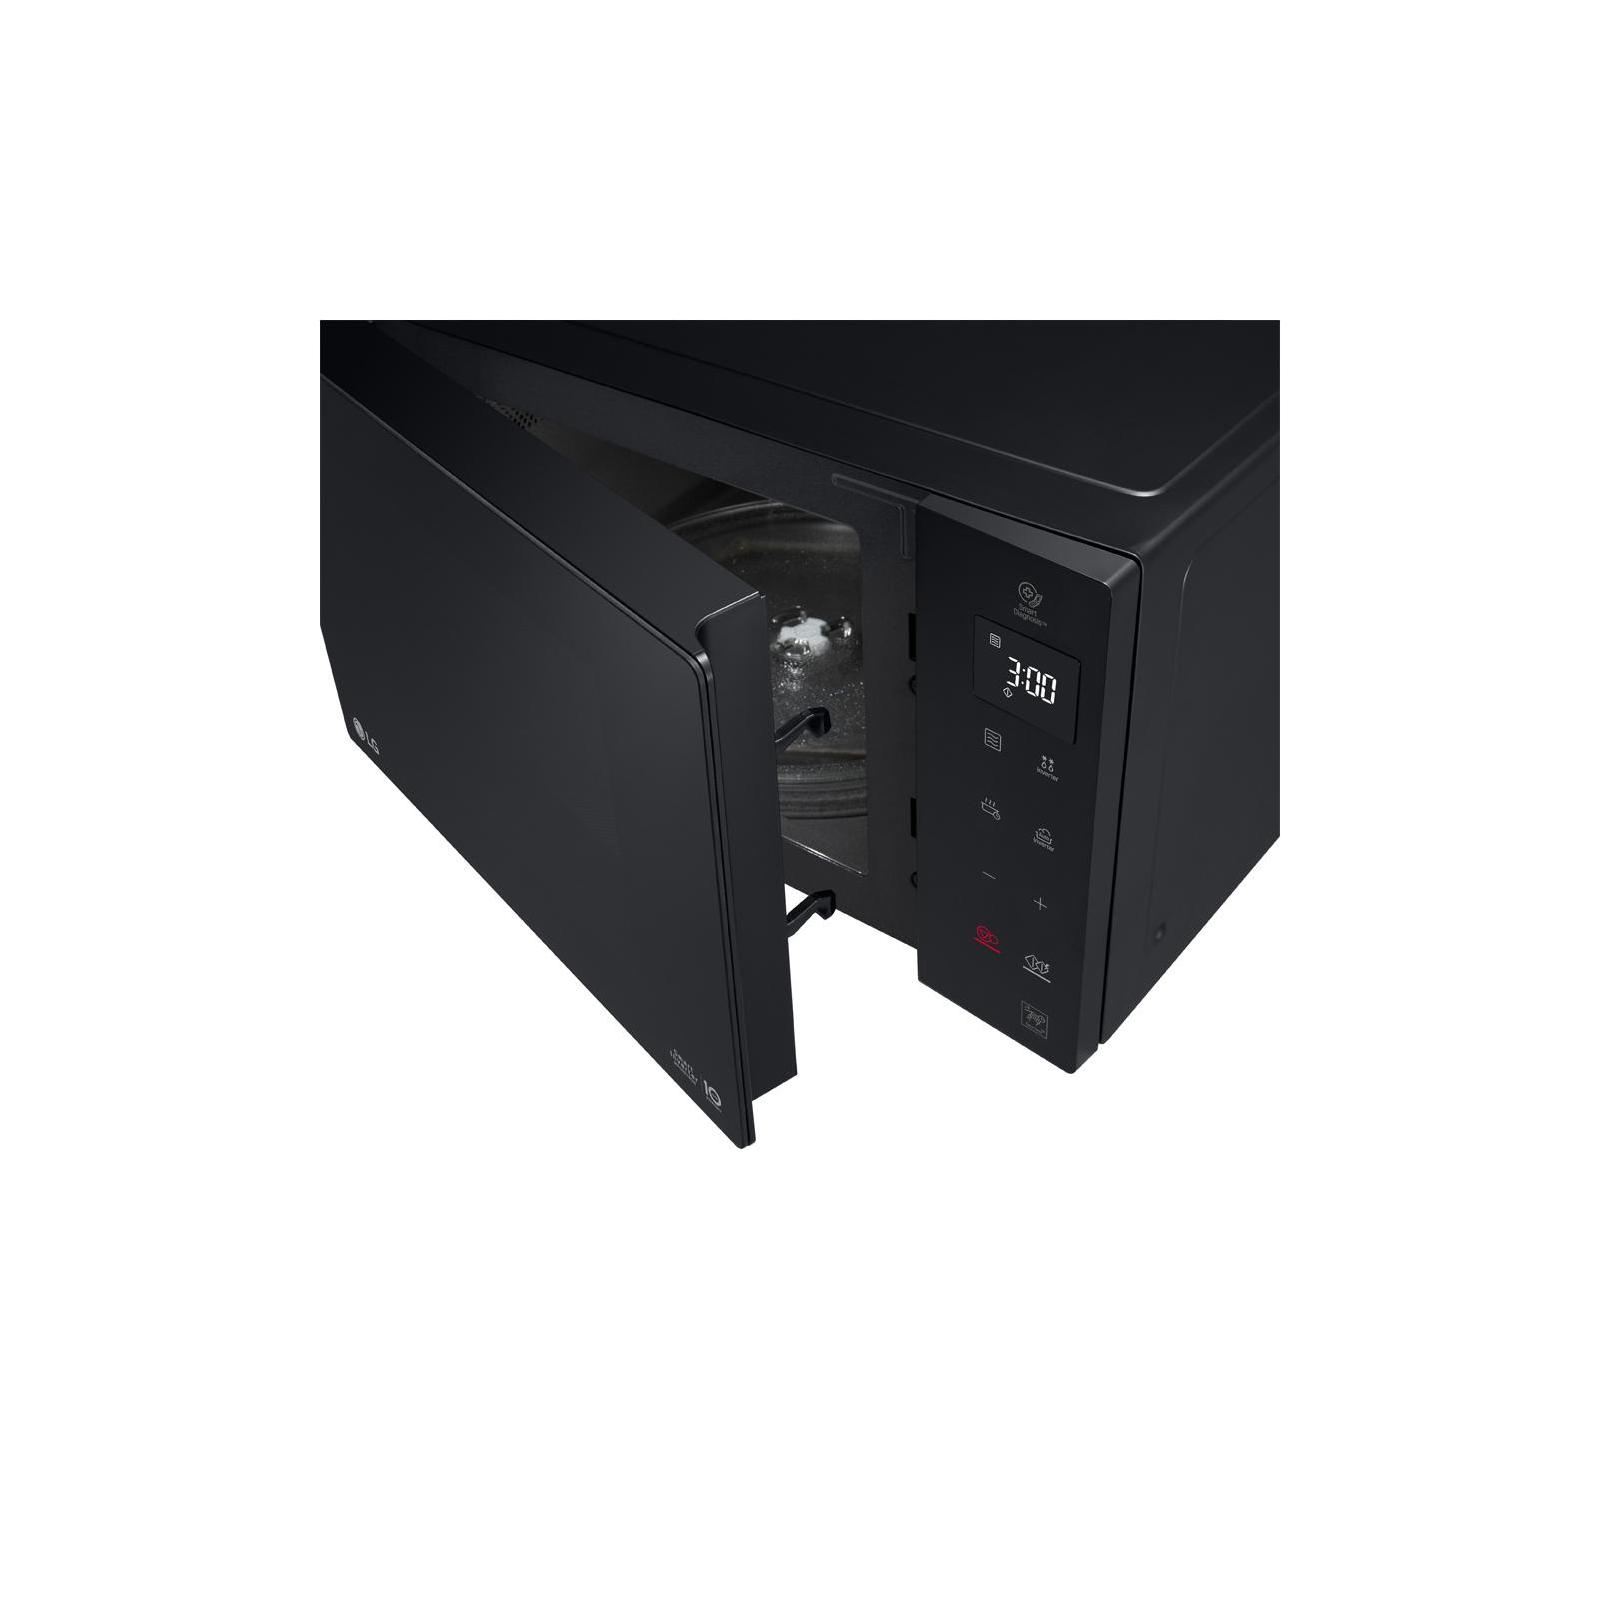 Микроволновая печь LG MS2595GIS изображение 7